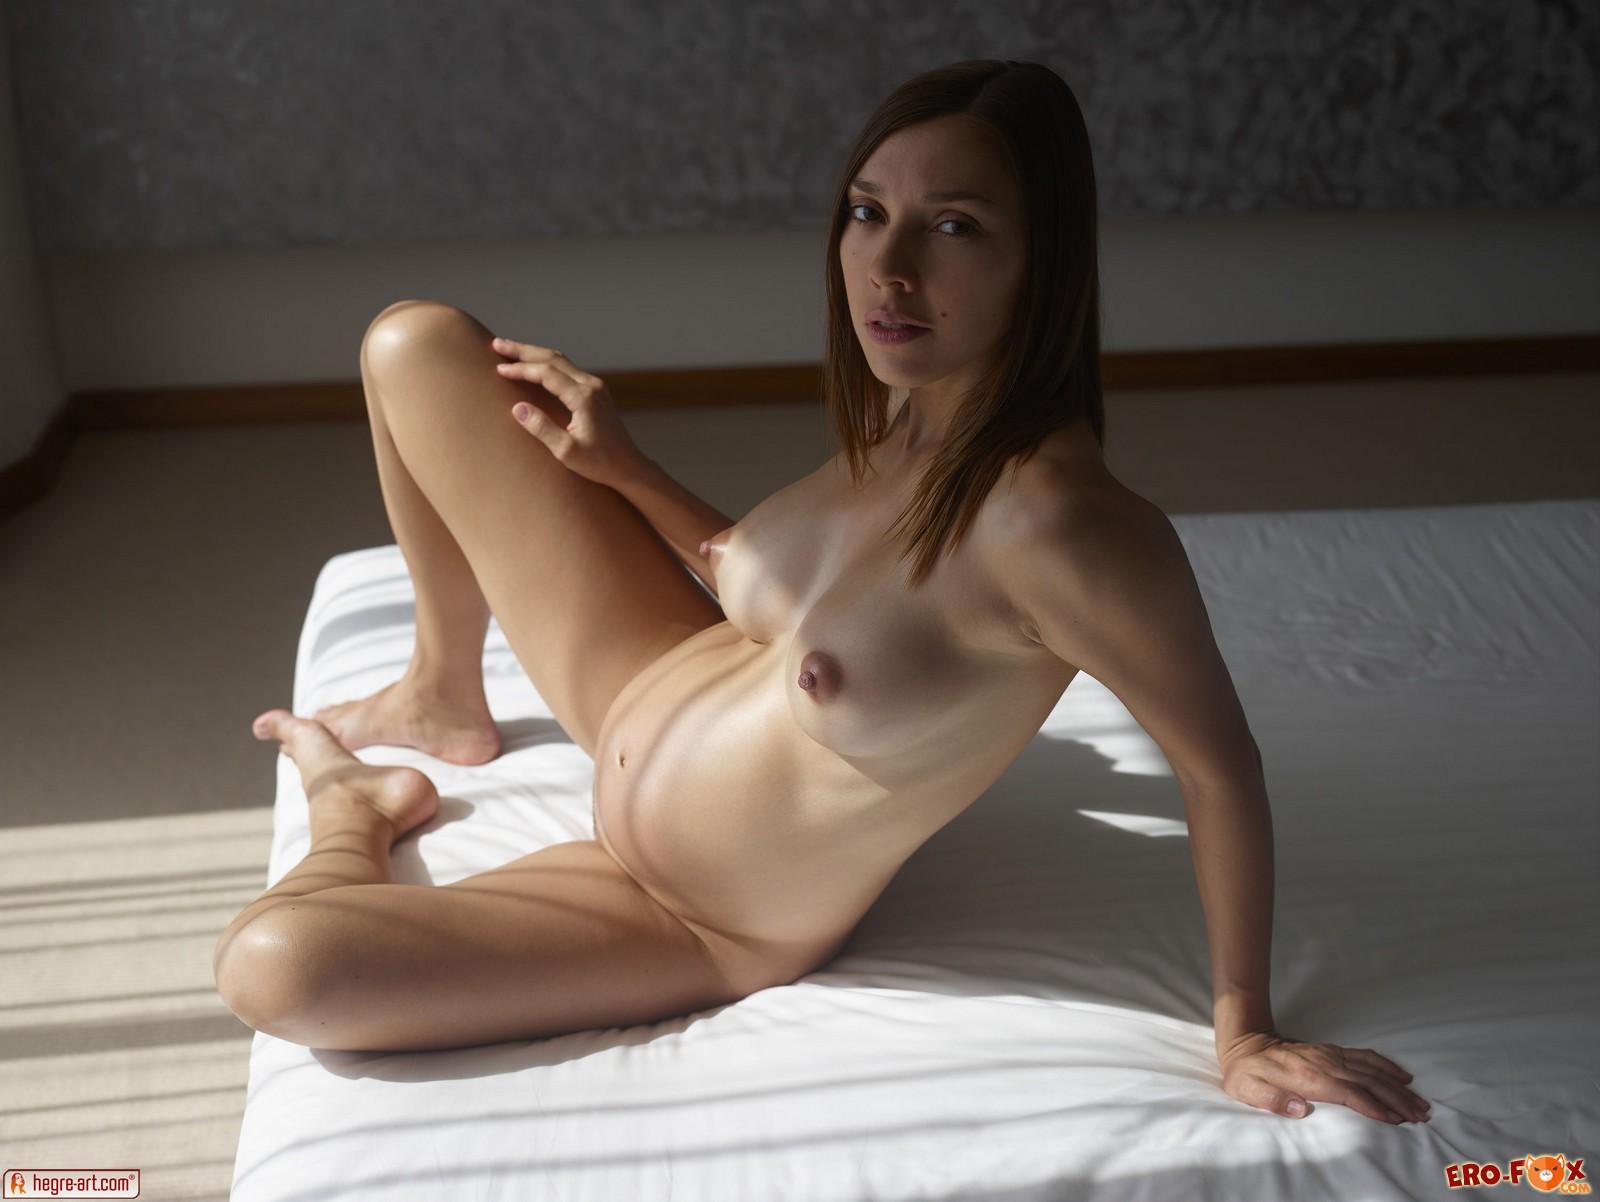 Голая беременная девушка с красивыми большими сиськами .